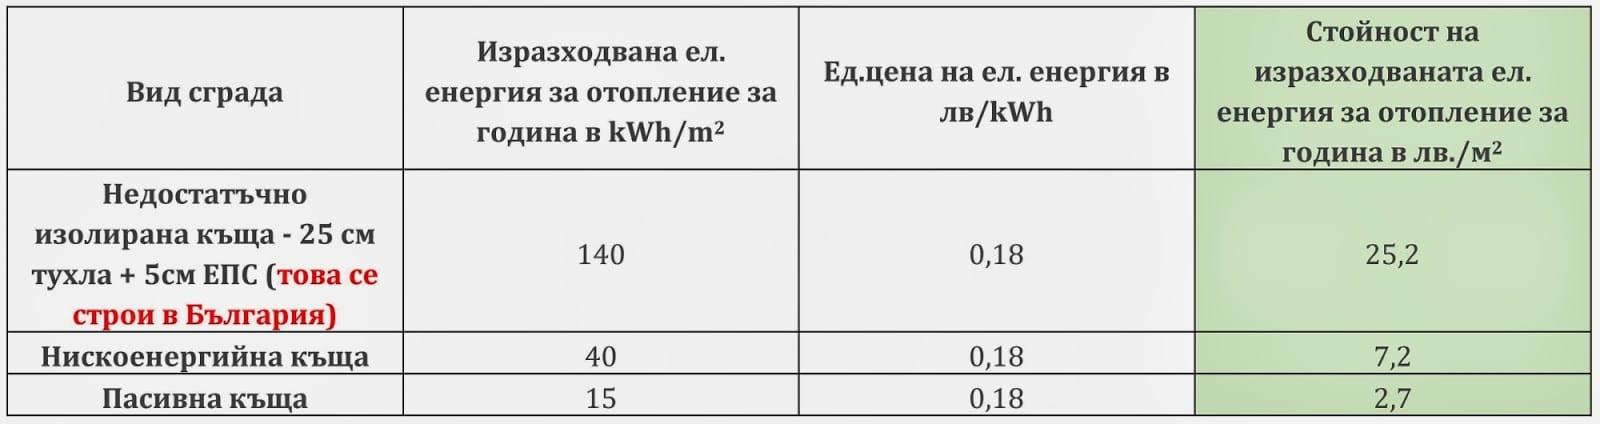 таблица-изразходвана-енергия-за-отопление-за-година